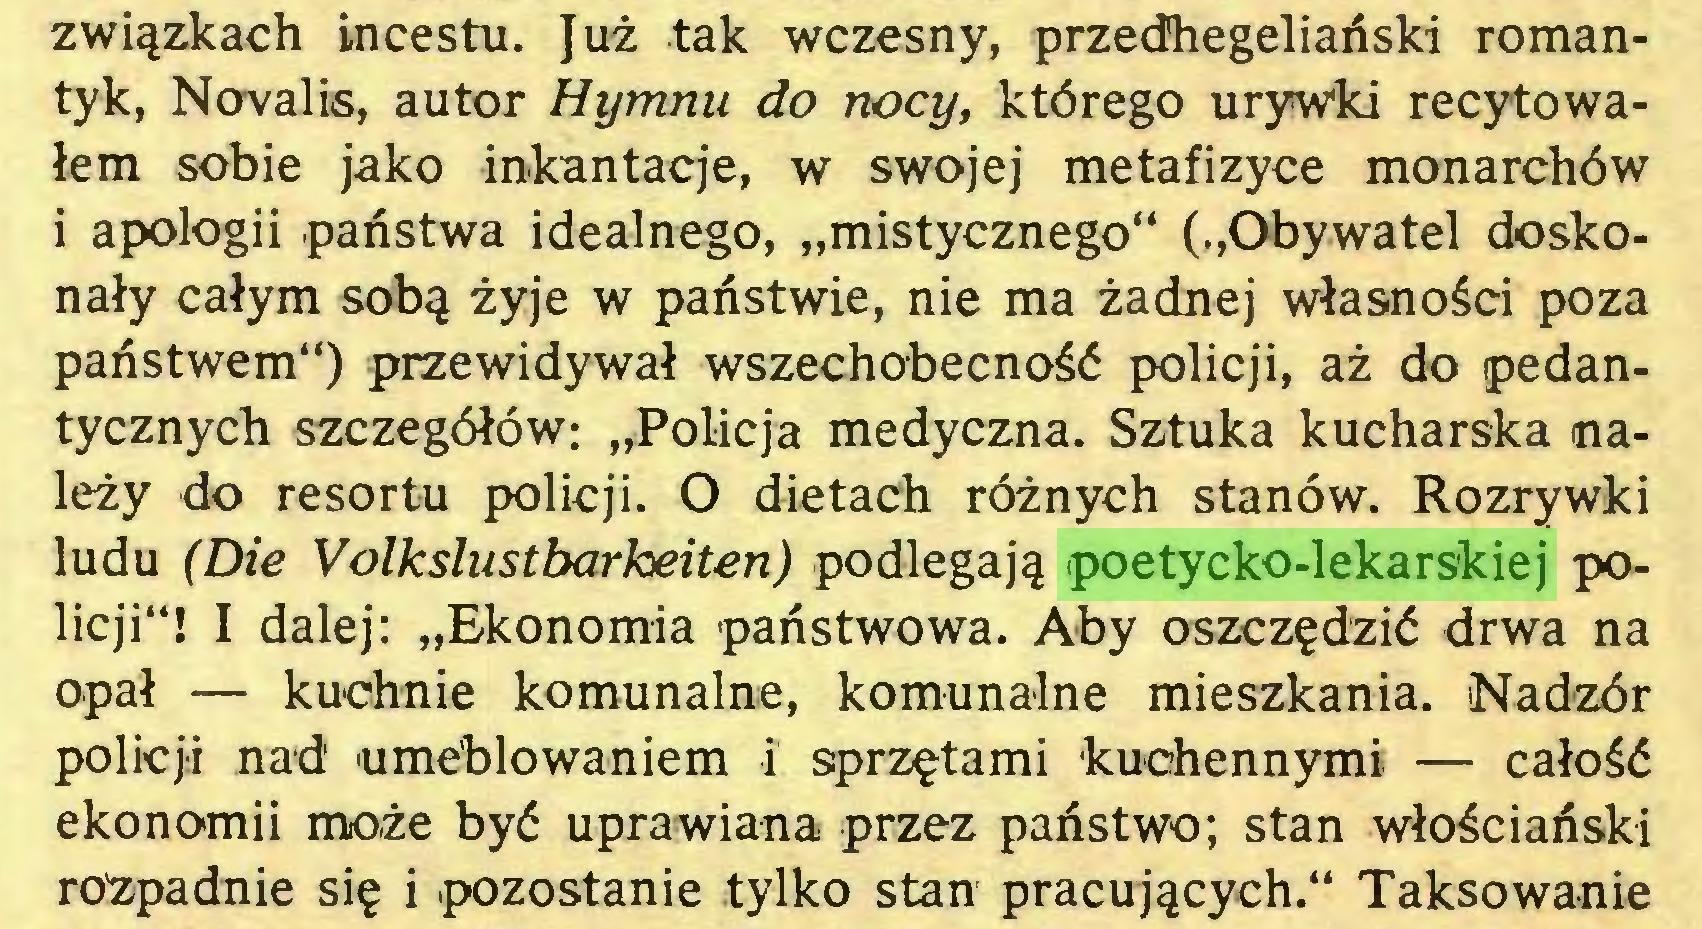 """(...) związkach incestu. Już tak wczesny, przedhegeliański romantyk, Novalis, autor Hymnu do nocy, którego urywki recytowałem sobie jako inkantacje, w swojej metafizyce monarchów i apologii państwa idealnego, """"mistycznego"""" (""""Obywatel doskonały całym sobą żyje w państwie, nie ma żadnej własności poza państwem"""") przewidywał wszechobecność policji, aż do pedantycznych szczegółów: """"Policja medyczna. Sztuka kucharska należy do resortu policji. O dietach różnych stanów. Rozrywki ludu (Die Volkslustbarkeiten) podlegają poetycko-lekarskiej policji""""! I dalej: """"Ekonomia państwowa. Aby oszczędzić drwa na opał — kuchnie komunalne, komunalne mieszkania. Nadzór policji nad umeblowaniem i sprzętami kuchennymi — całość ekonomii może być uprawiana przez państwo; stan włościański rozpadnie się i pozostanie tylko stan pracujących."""" Taksowanie..."""